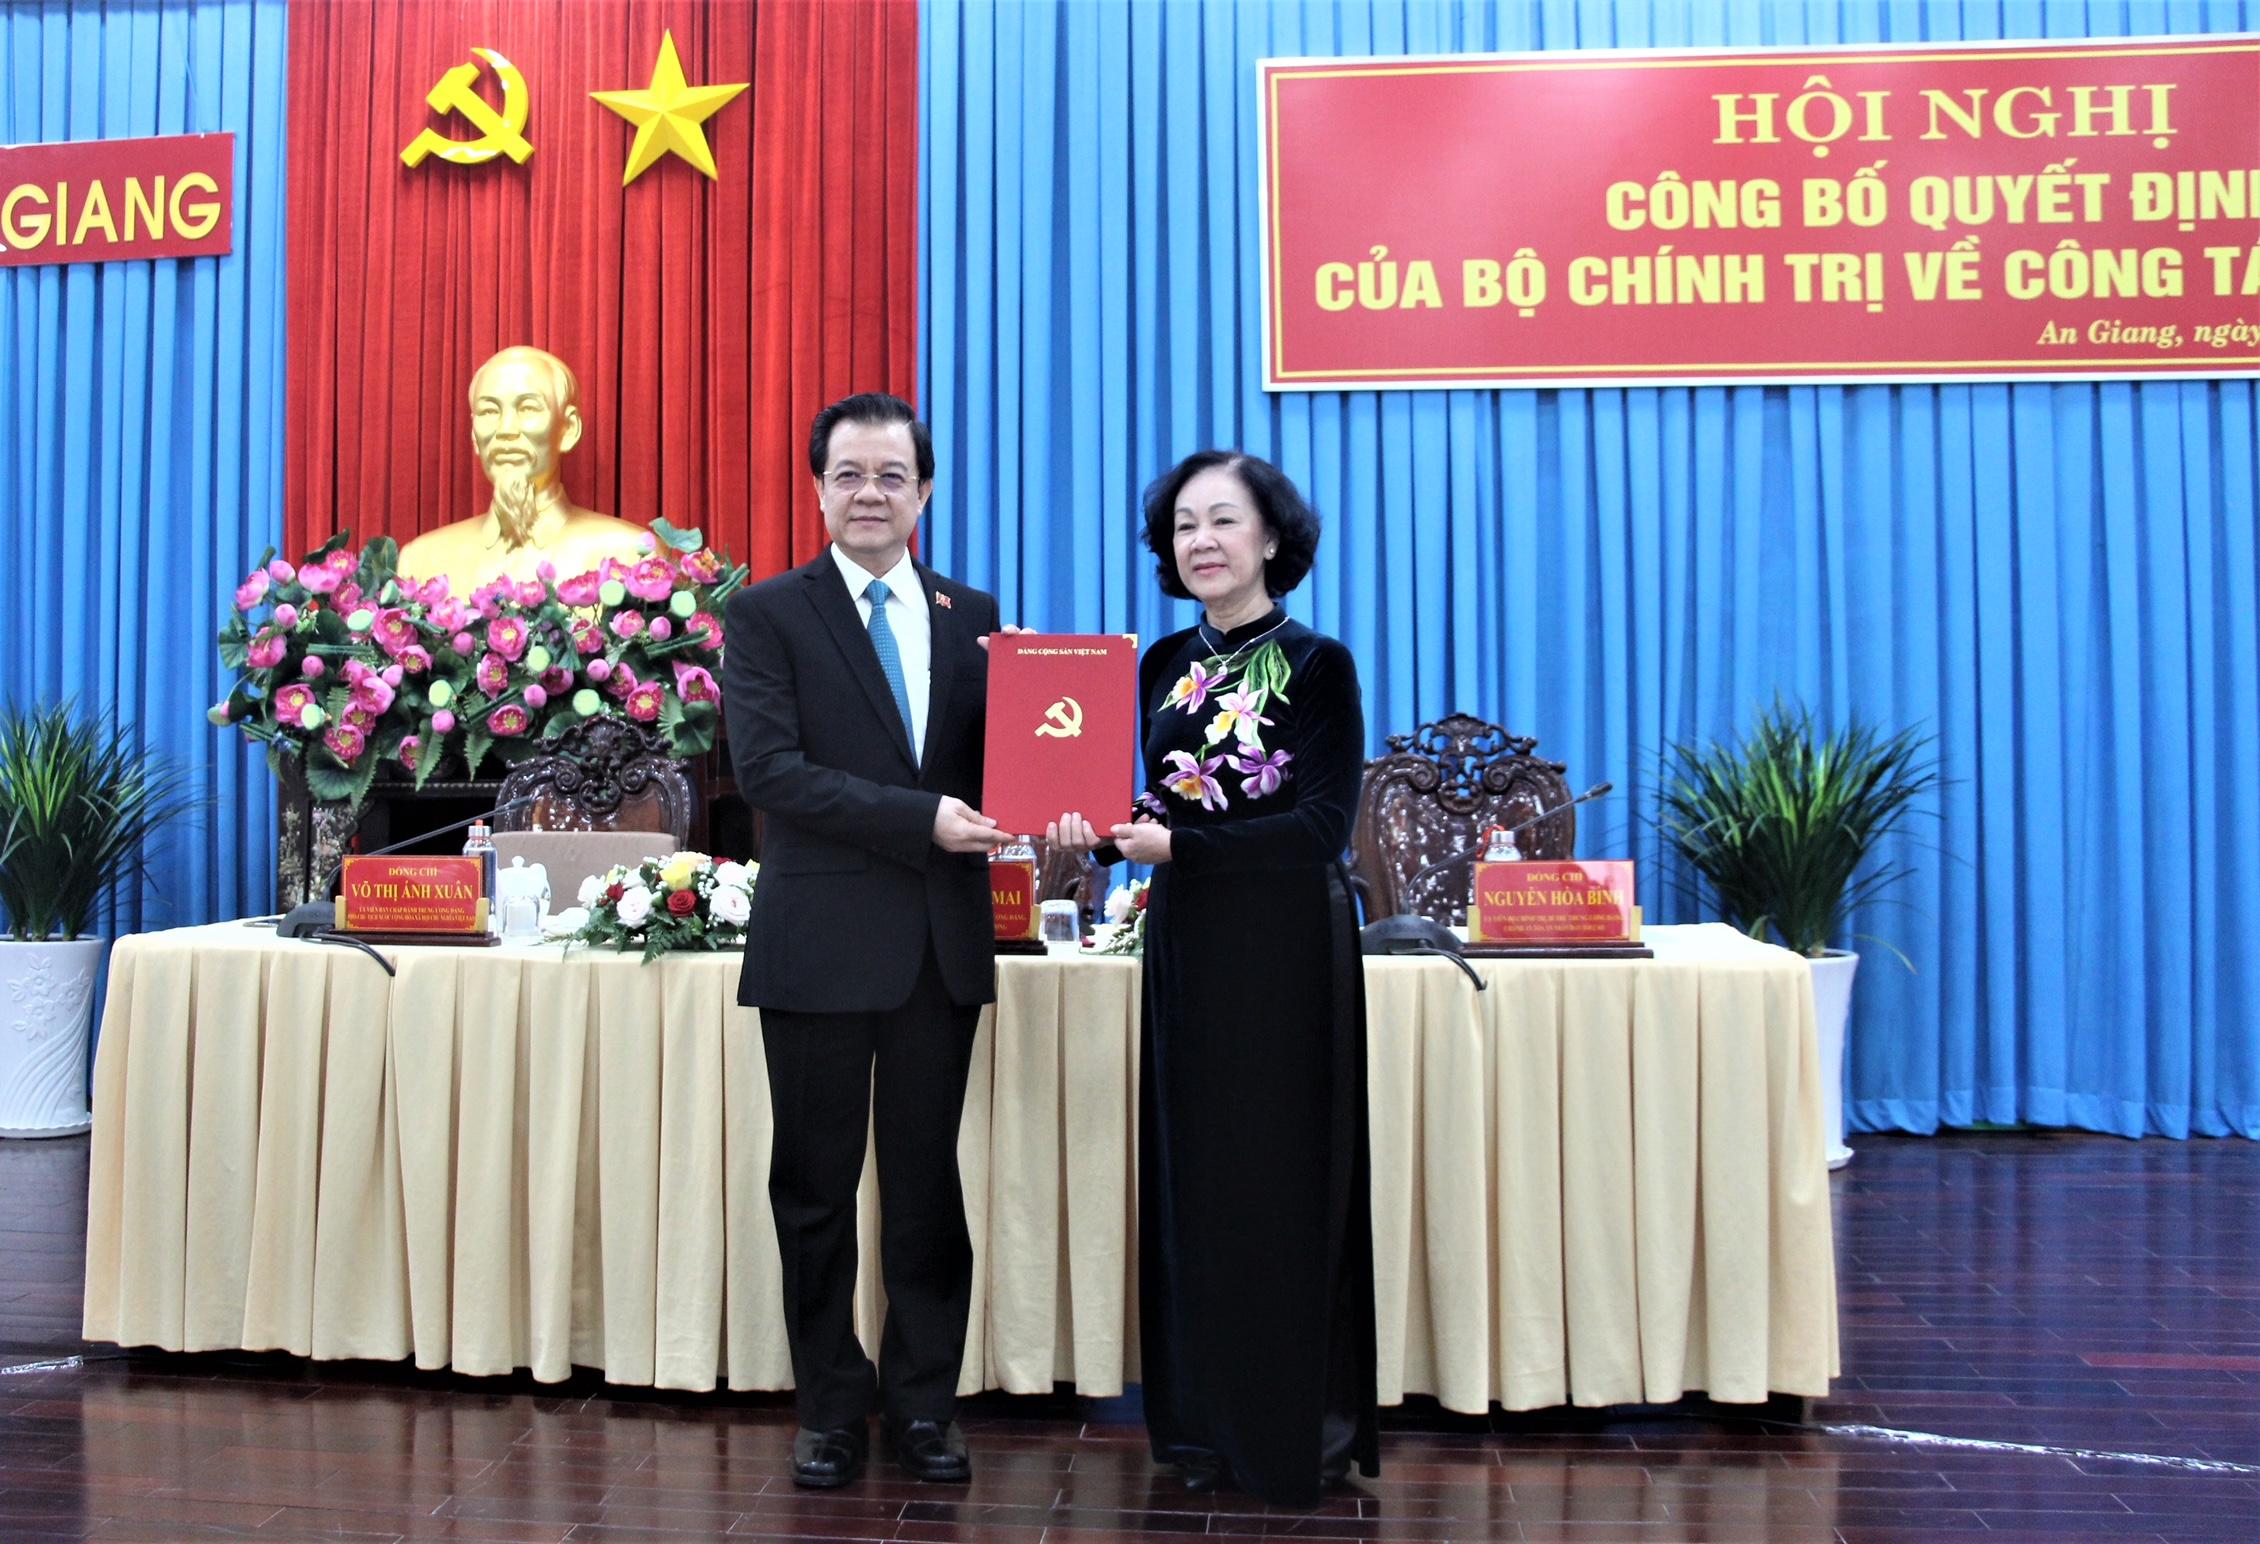 Trưởng ban Tổ chức Trung ương Trương Thị Mai trao Quyết định của Bộ Chính trị cho đồng chí Lê Hồng Quang